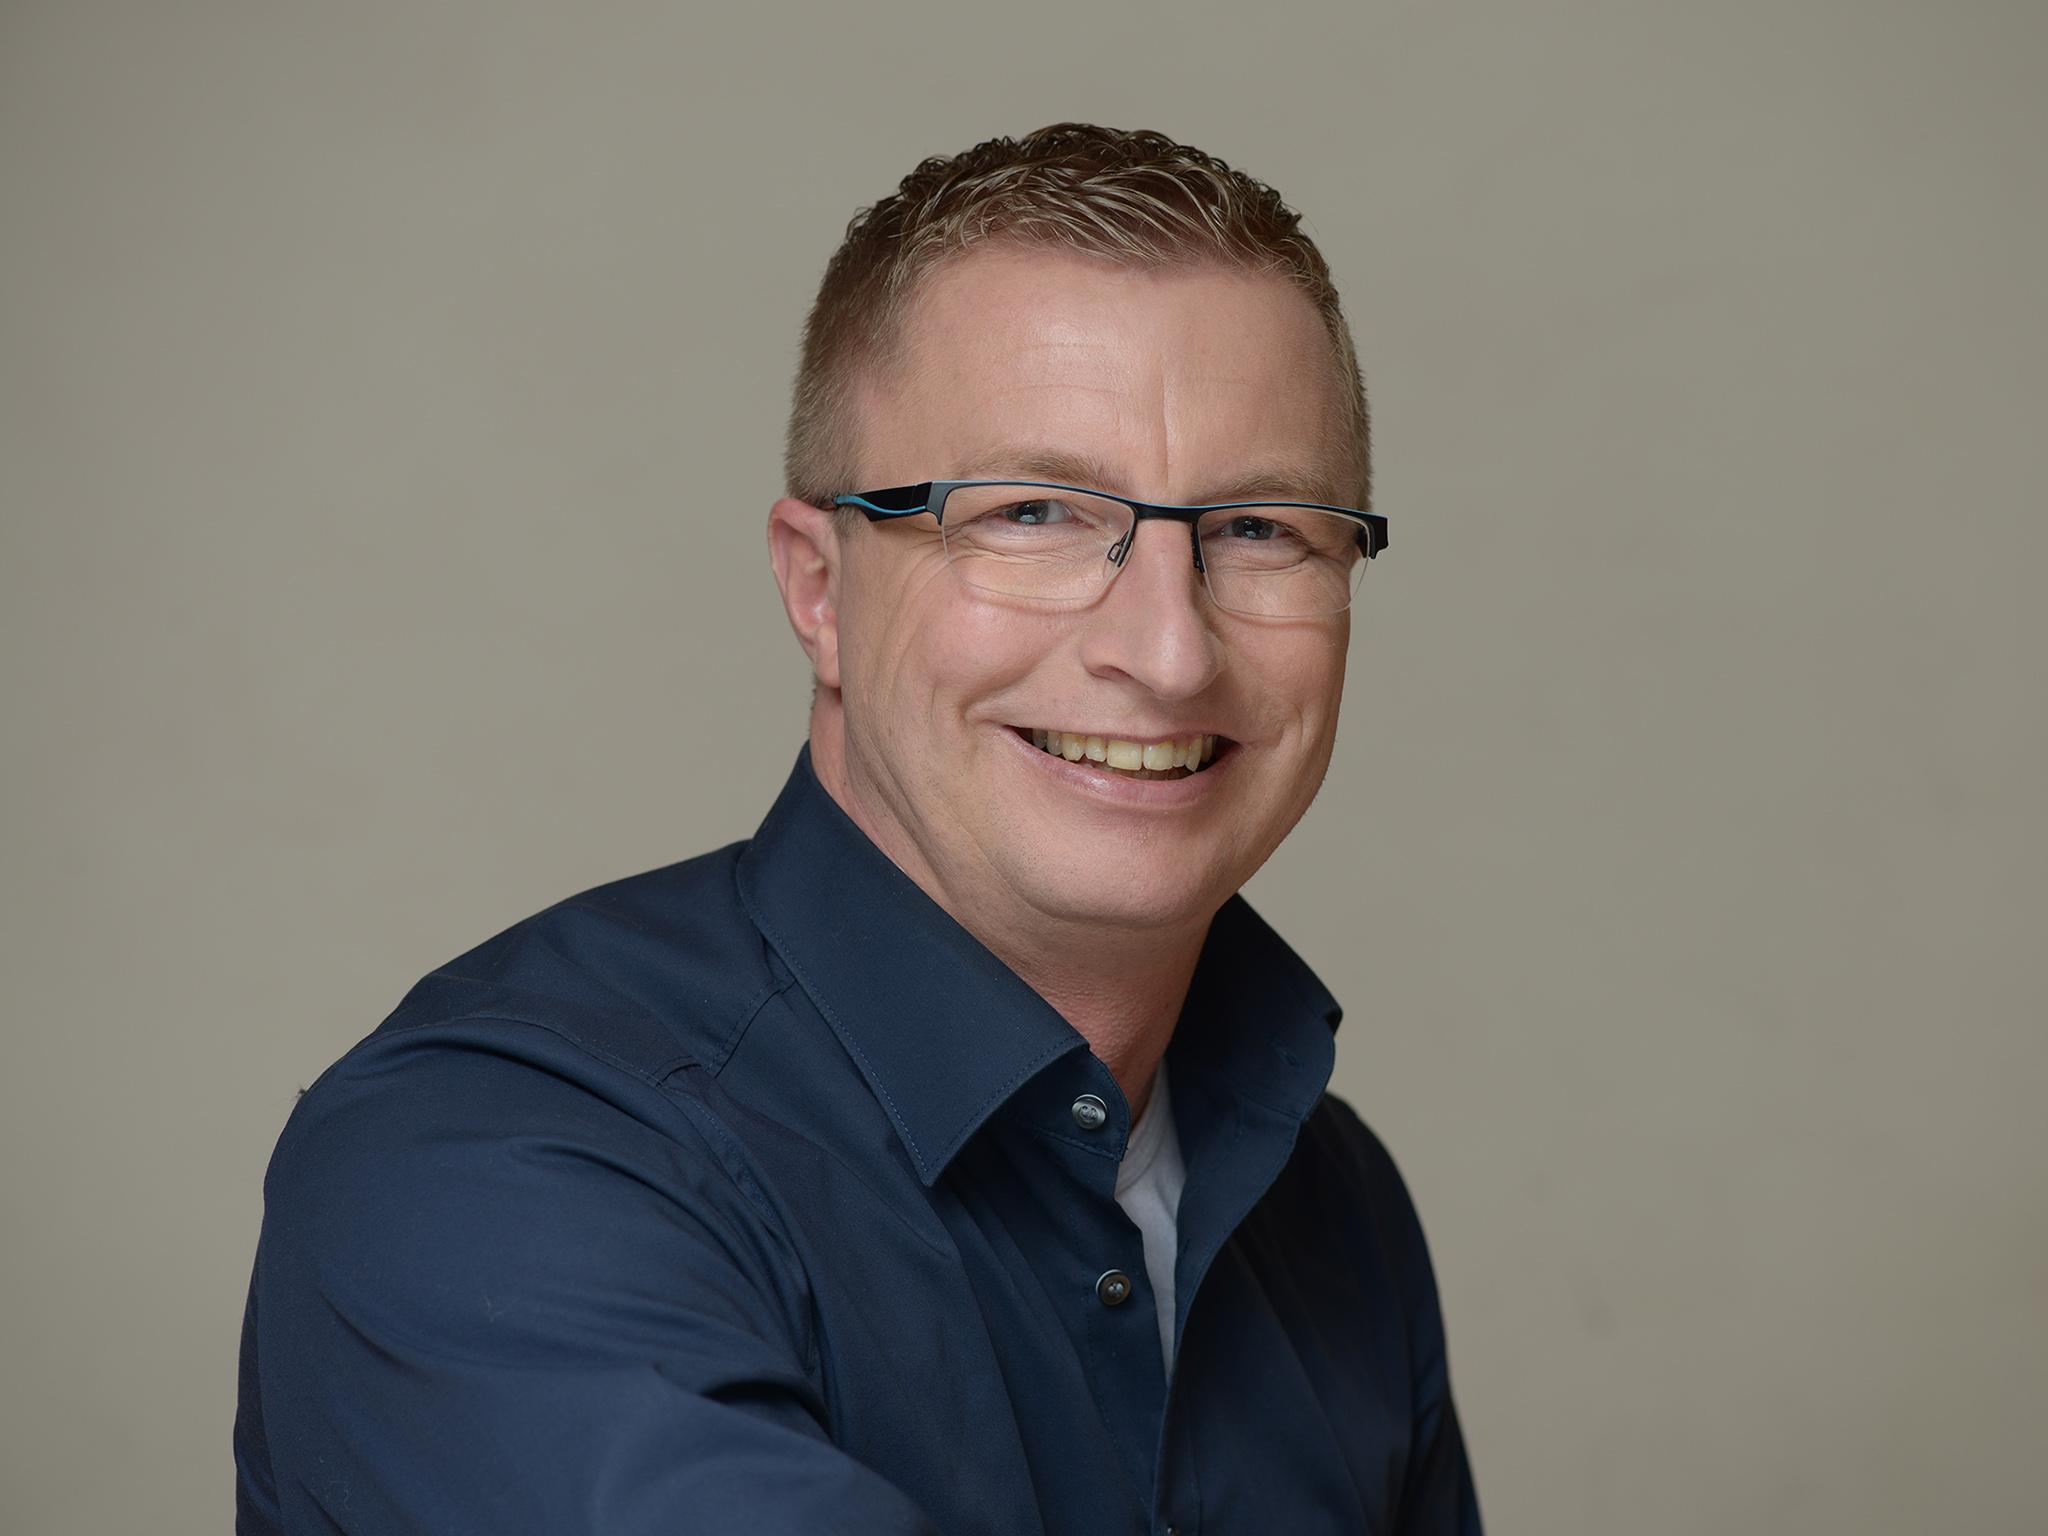 Bezirksratsherr Carsten Witte